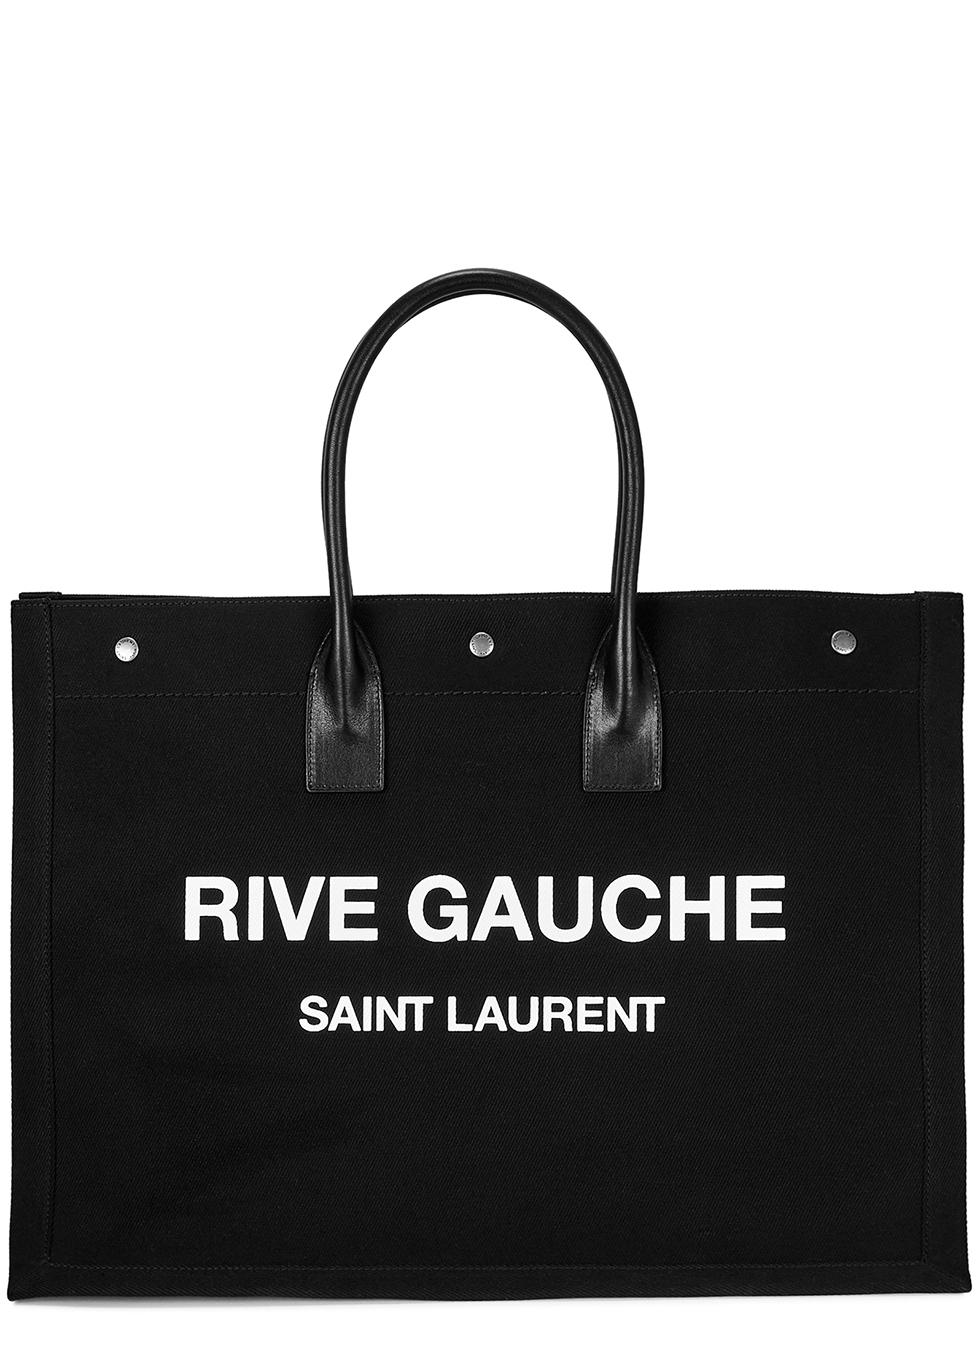 bf6f97f5a10 Saint Laurent - Harvey Nichols